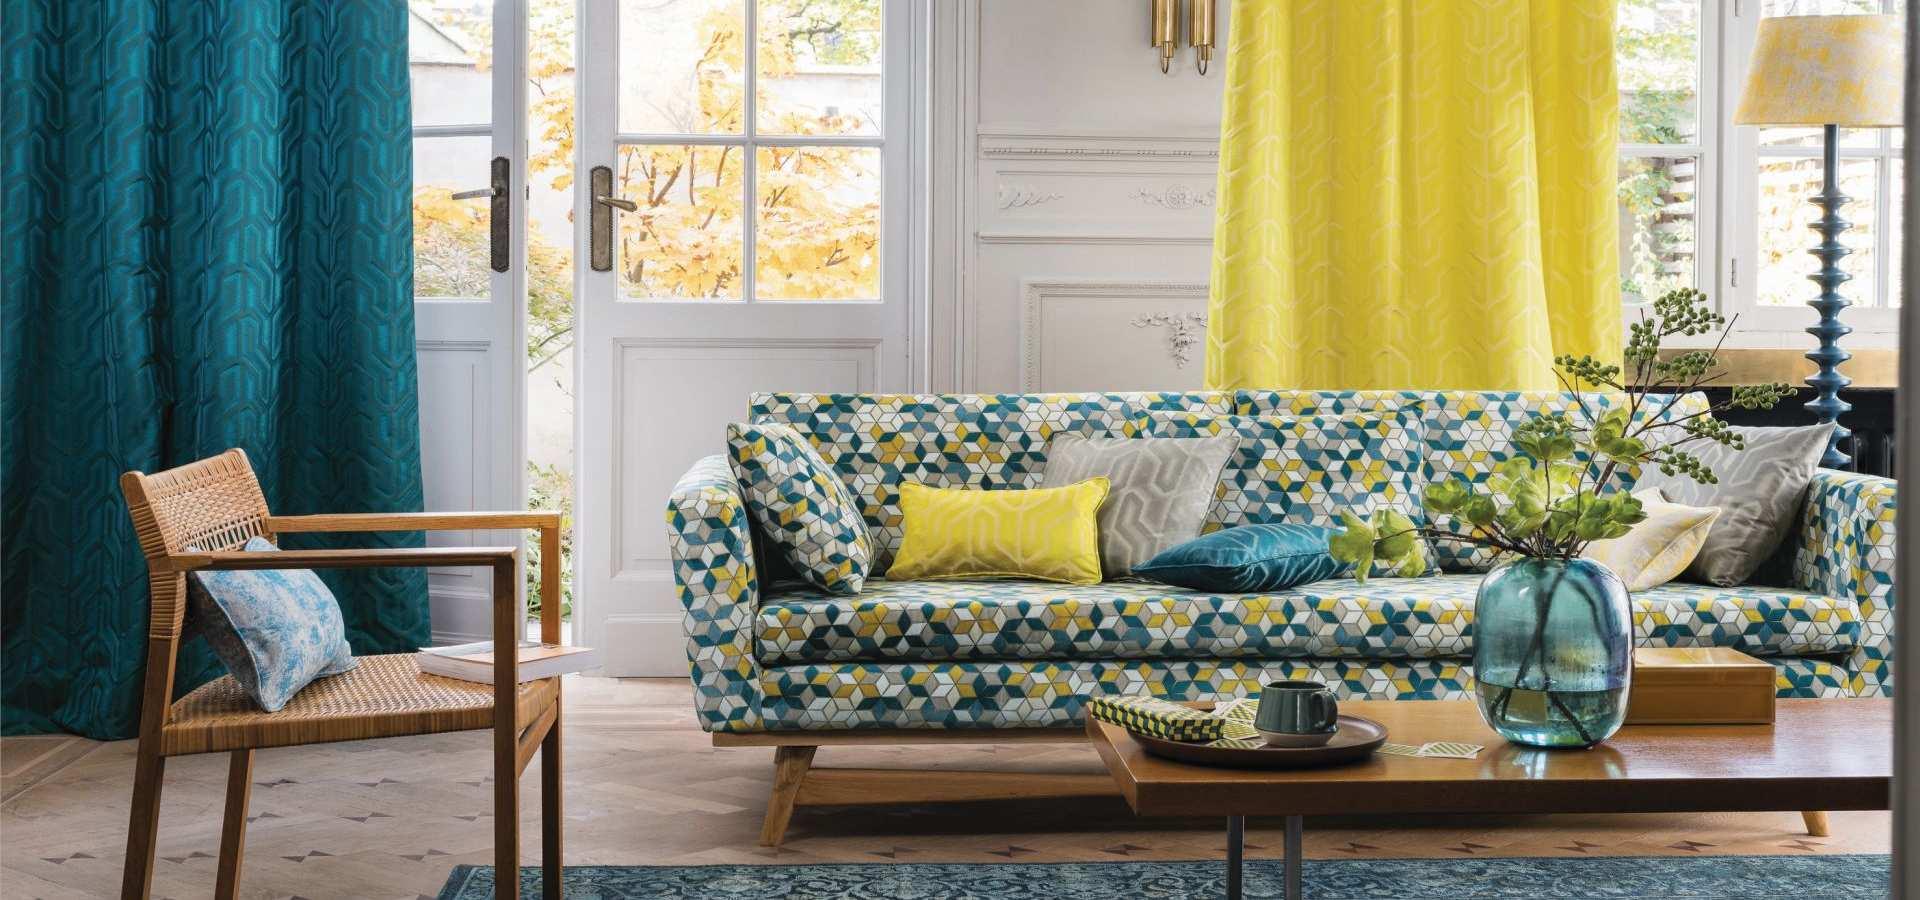 Bild Wohnzimmer modern Gardine und Tapete türkis gelb